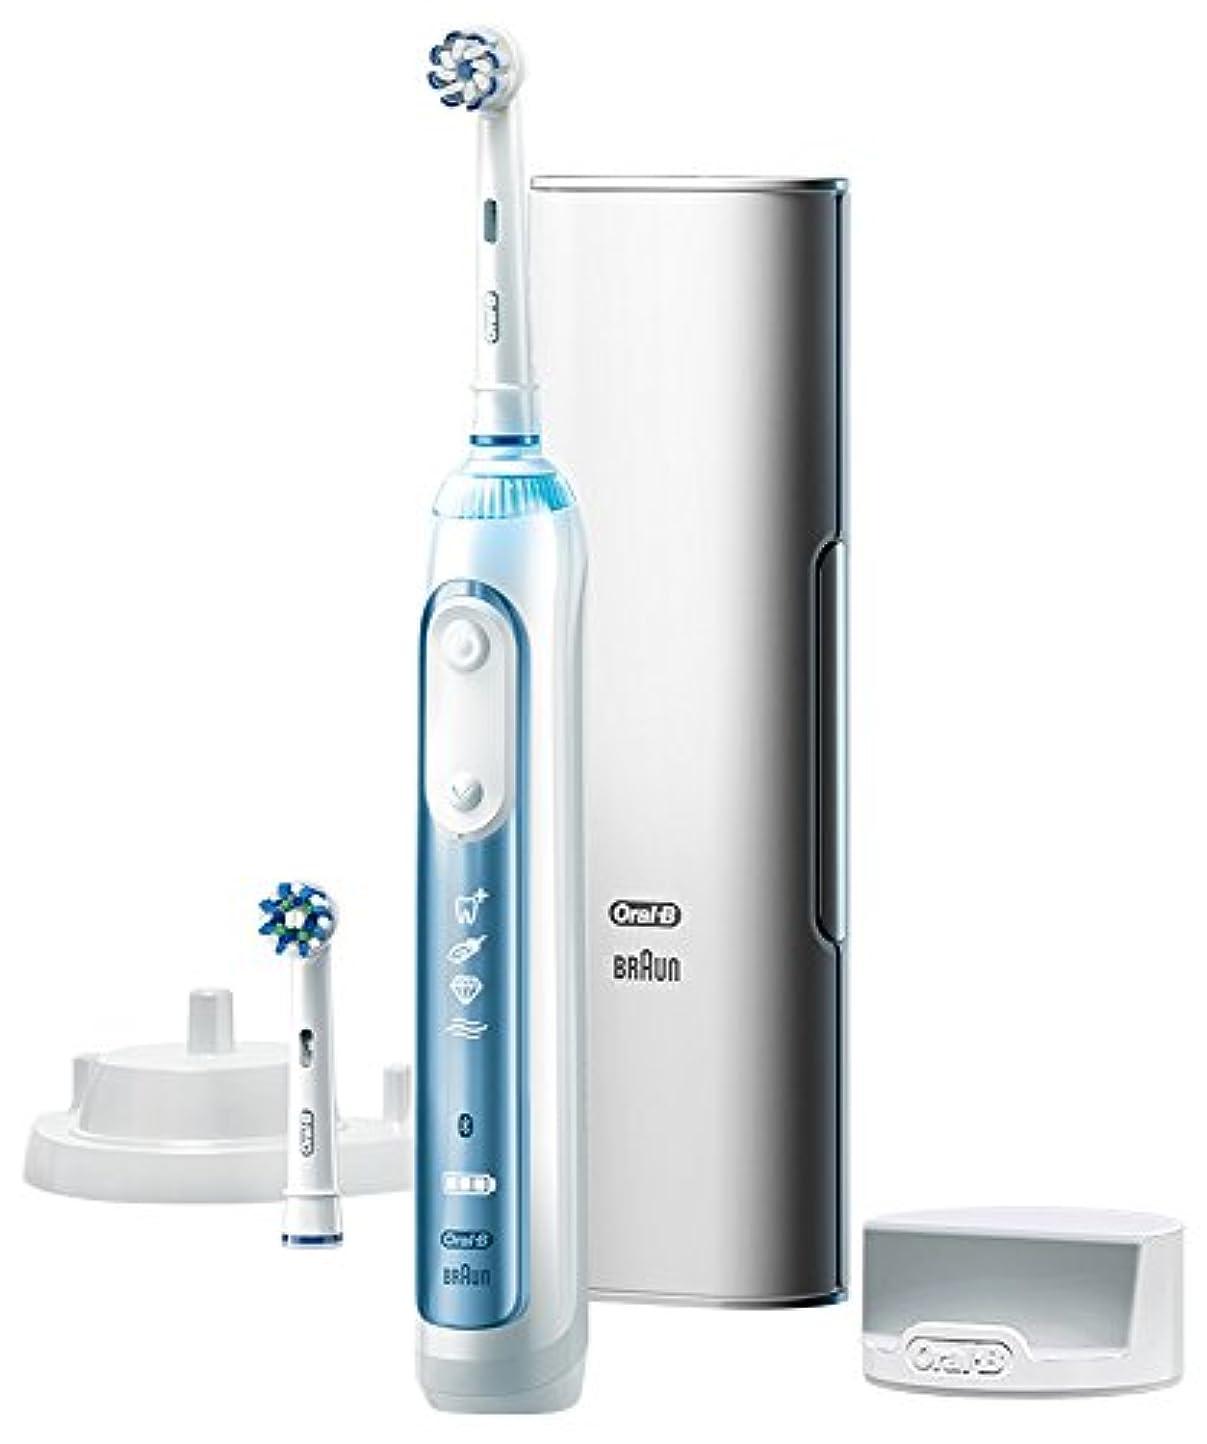 より良い乞食ビバブラウン オーラルB 電動歯ブラシ スマート7000 D7005245XP D7005245XP